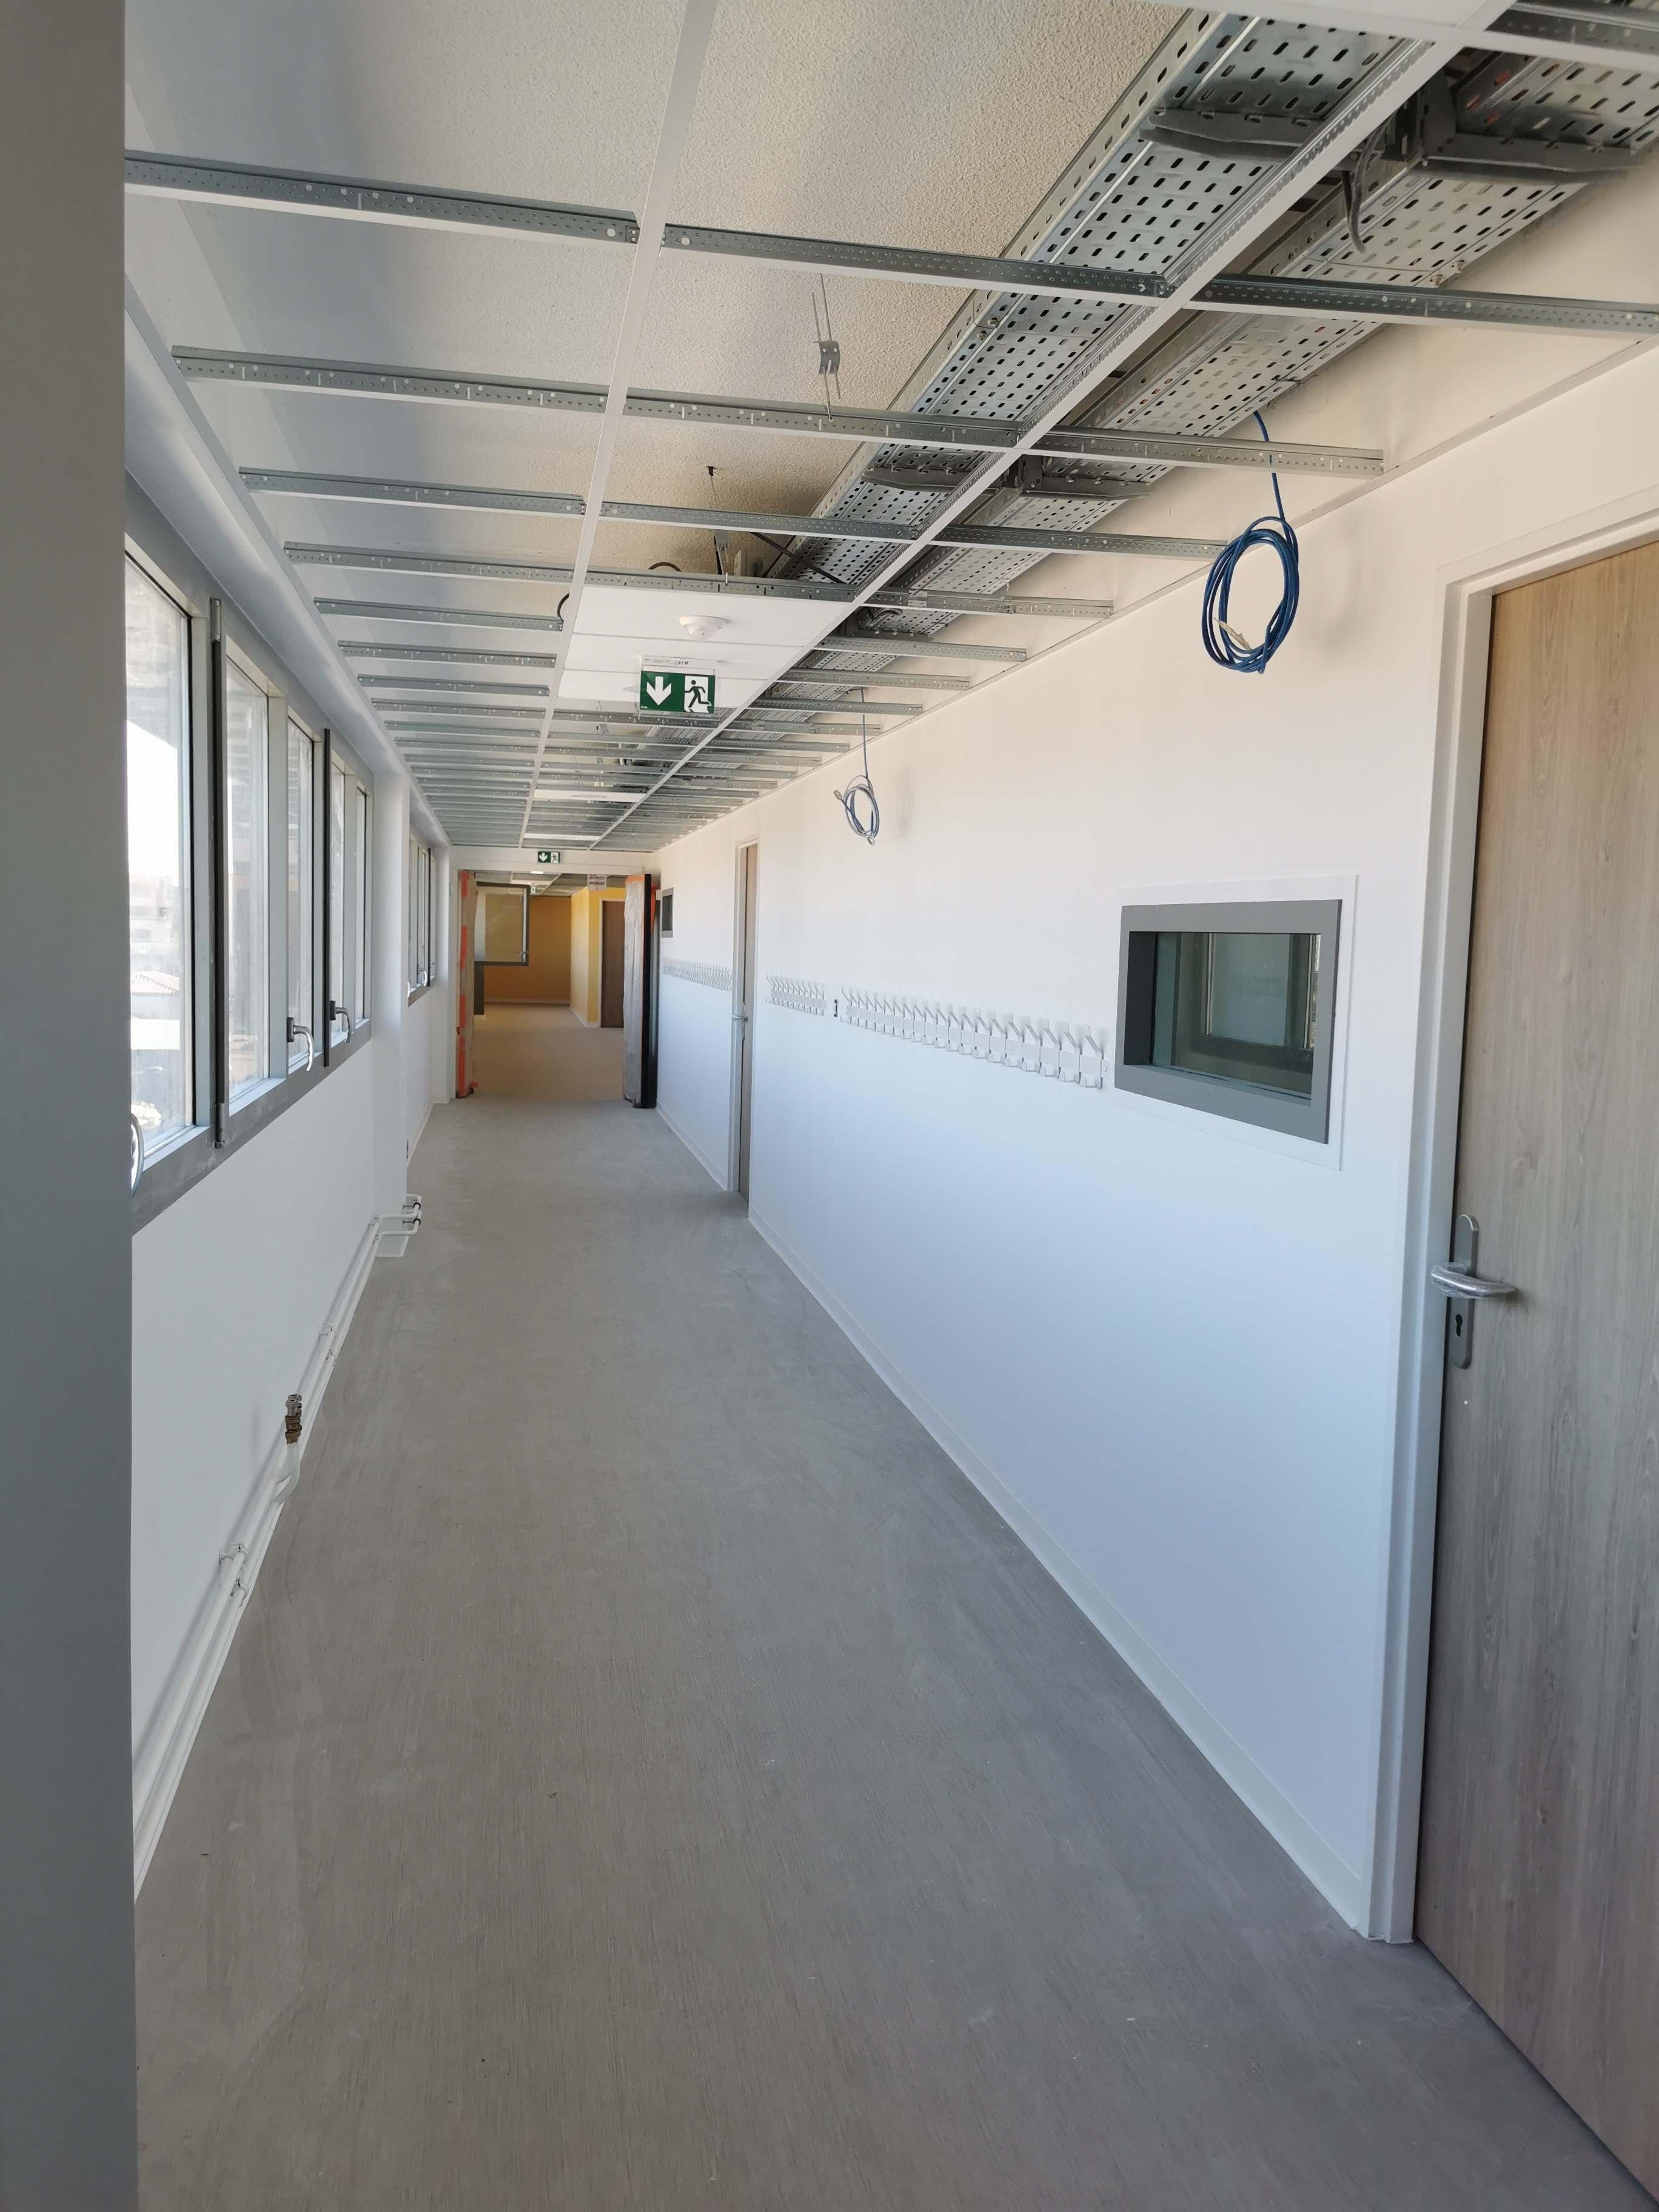 Acoba Assistance maîtrise d'ouvrage : Requalification d'un immeuble de bureaux du centre-ville de Bordeaux en Groupe Scolaire de 10 classes - 8